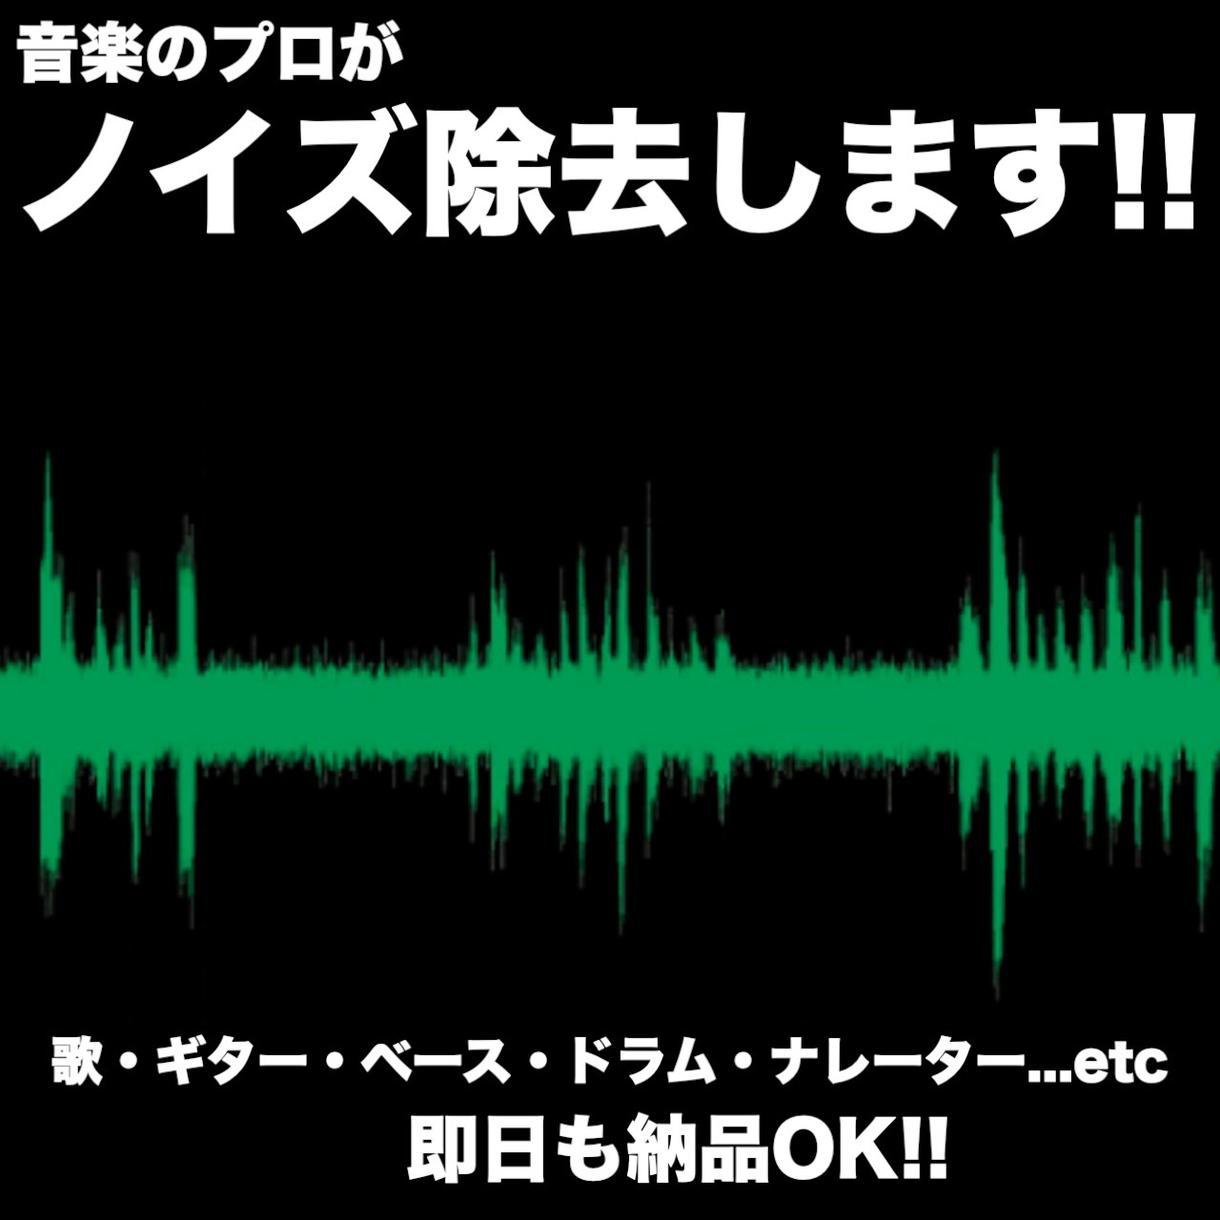 ノイズ除去・整音します 音楽のプロがノイズを取り除きます!! イメージ1